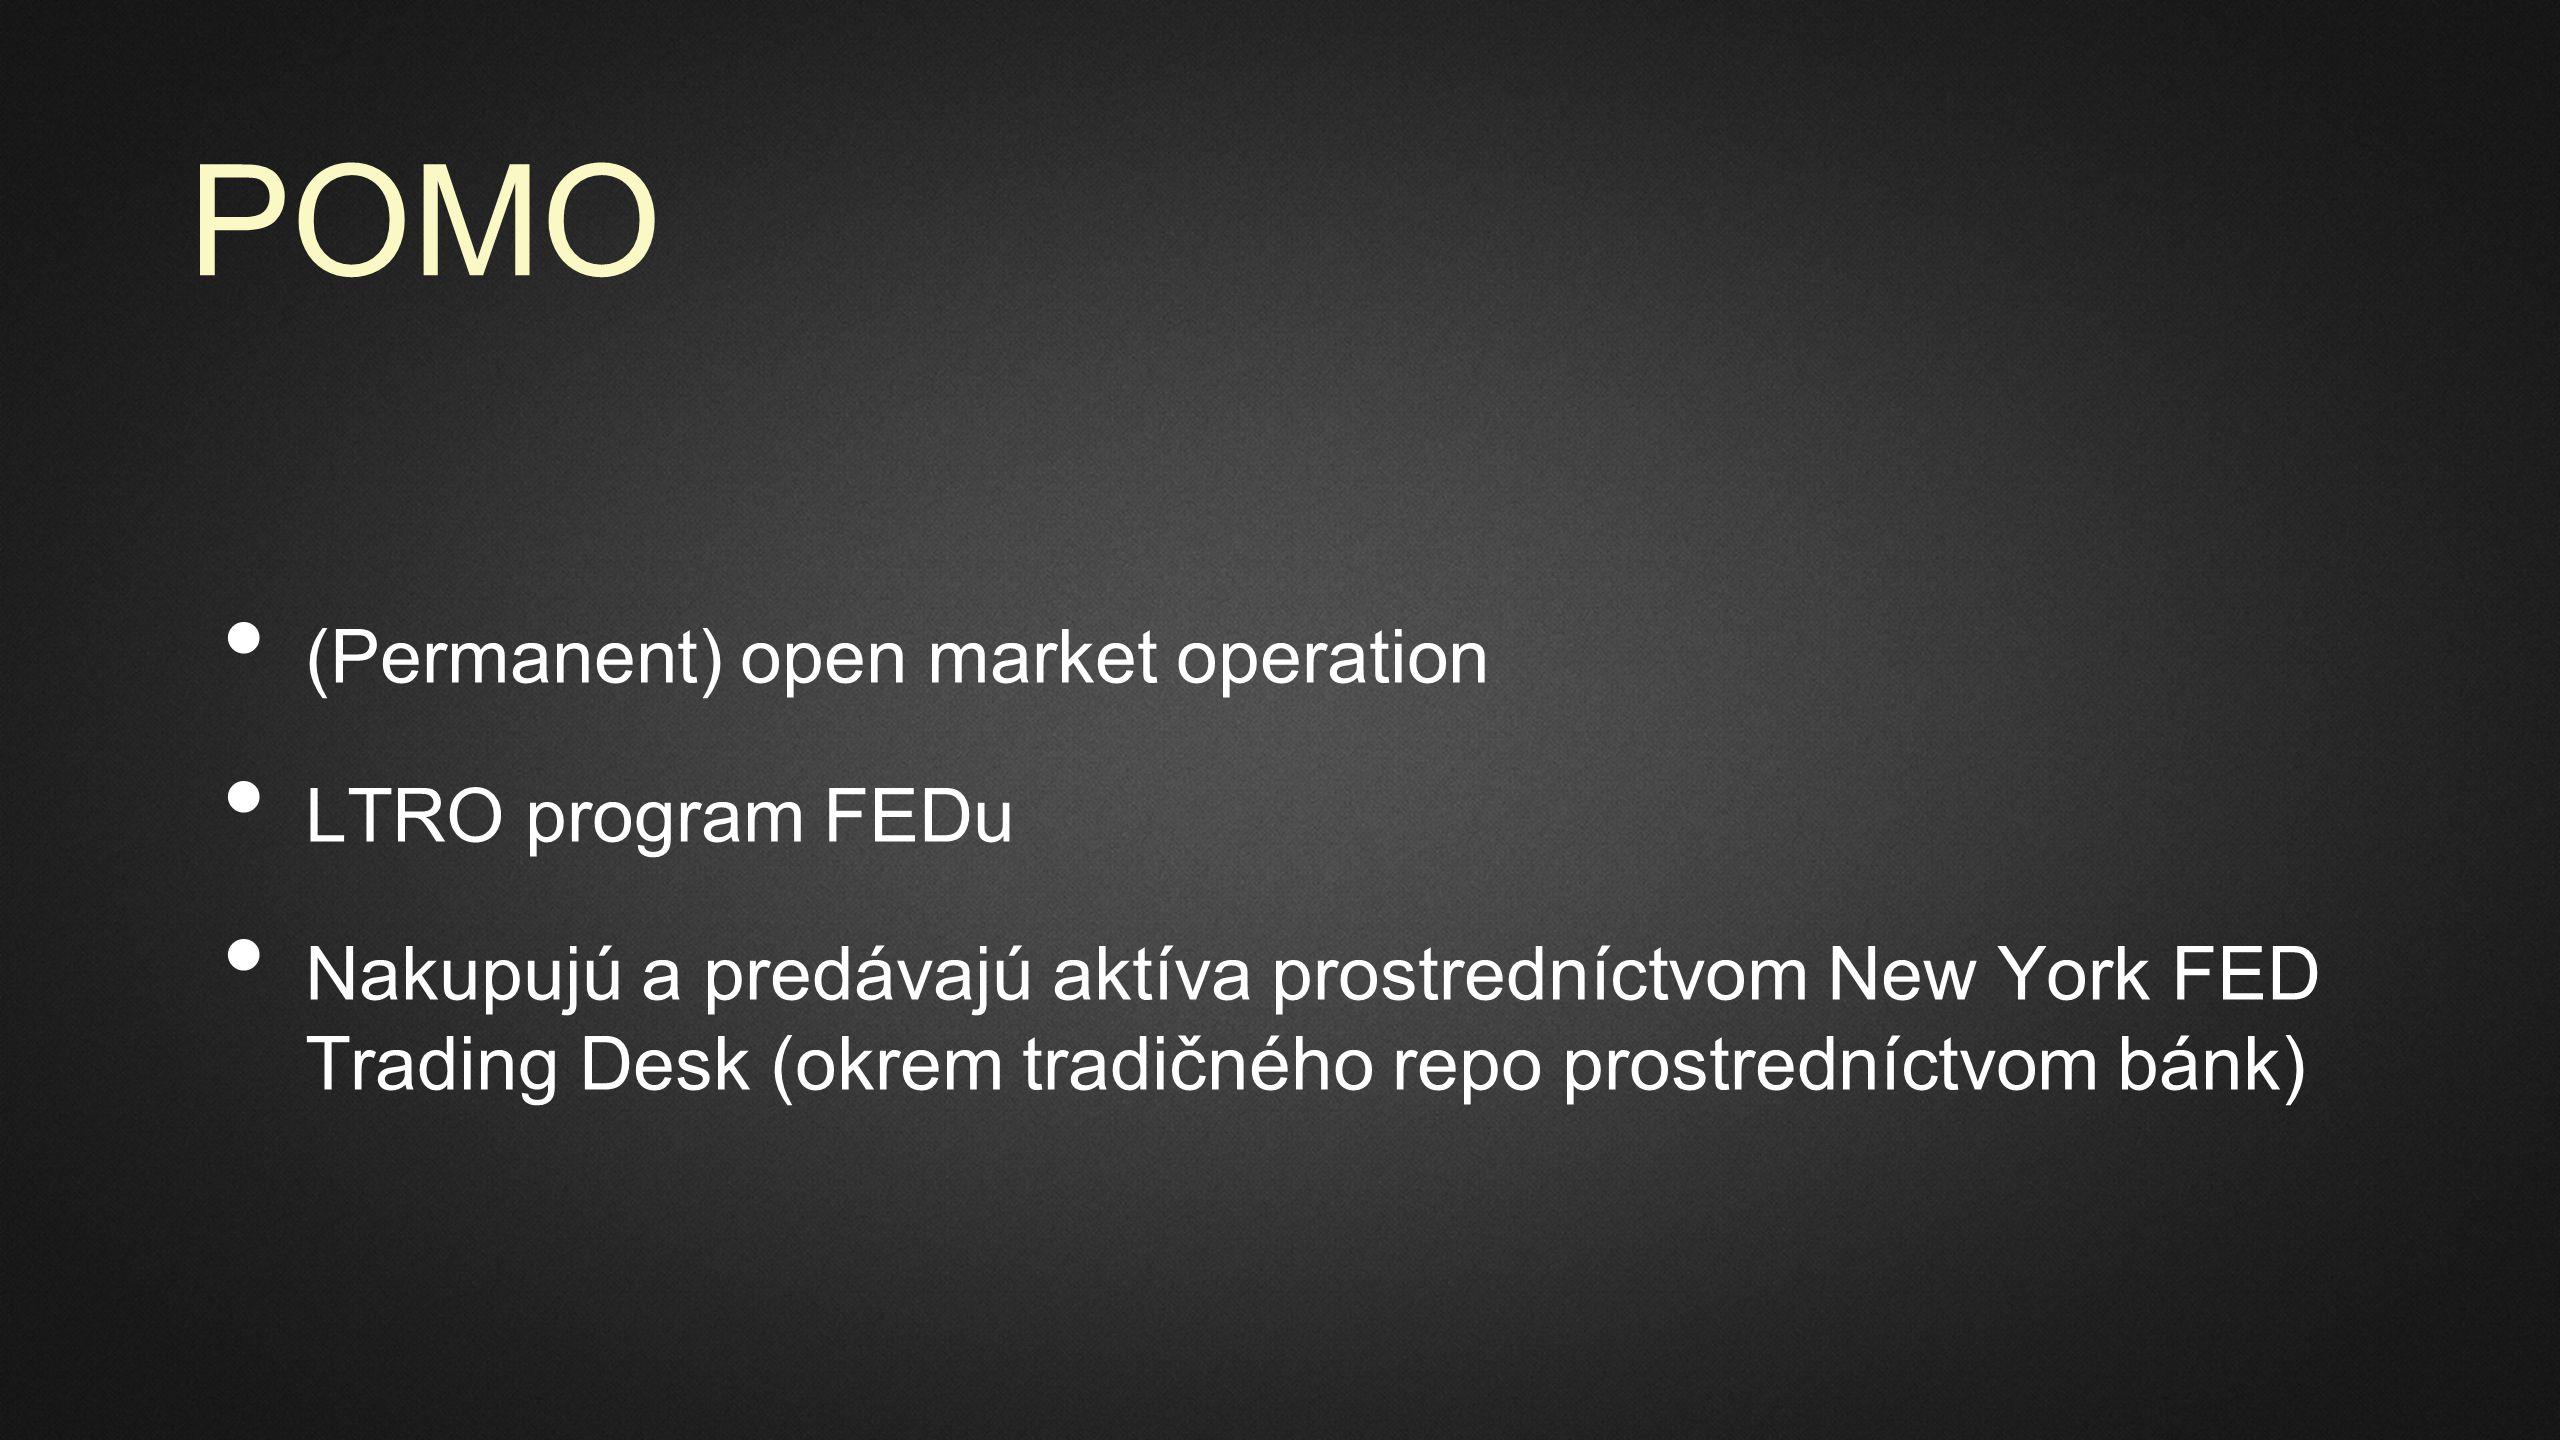 POMO (Permanent) open market operation LTRO program FEDu Nakupujú a predávajú aktíva prostredníctvom New York FED Trading Desk (okrem tradičného repo prostredníctvom bánk)